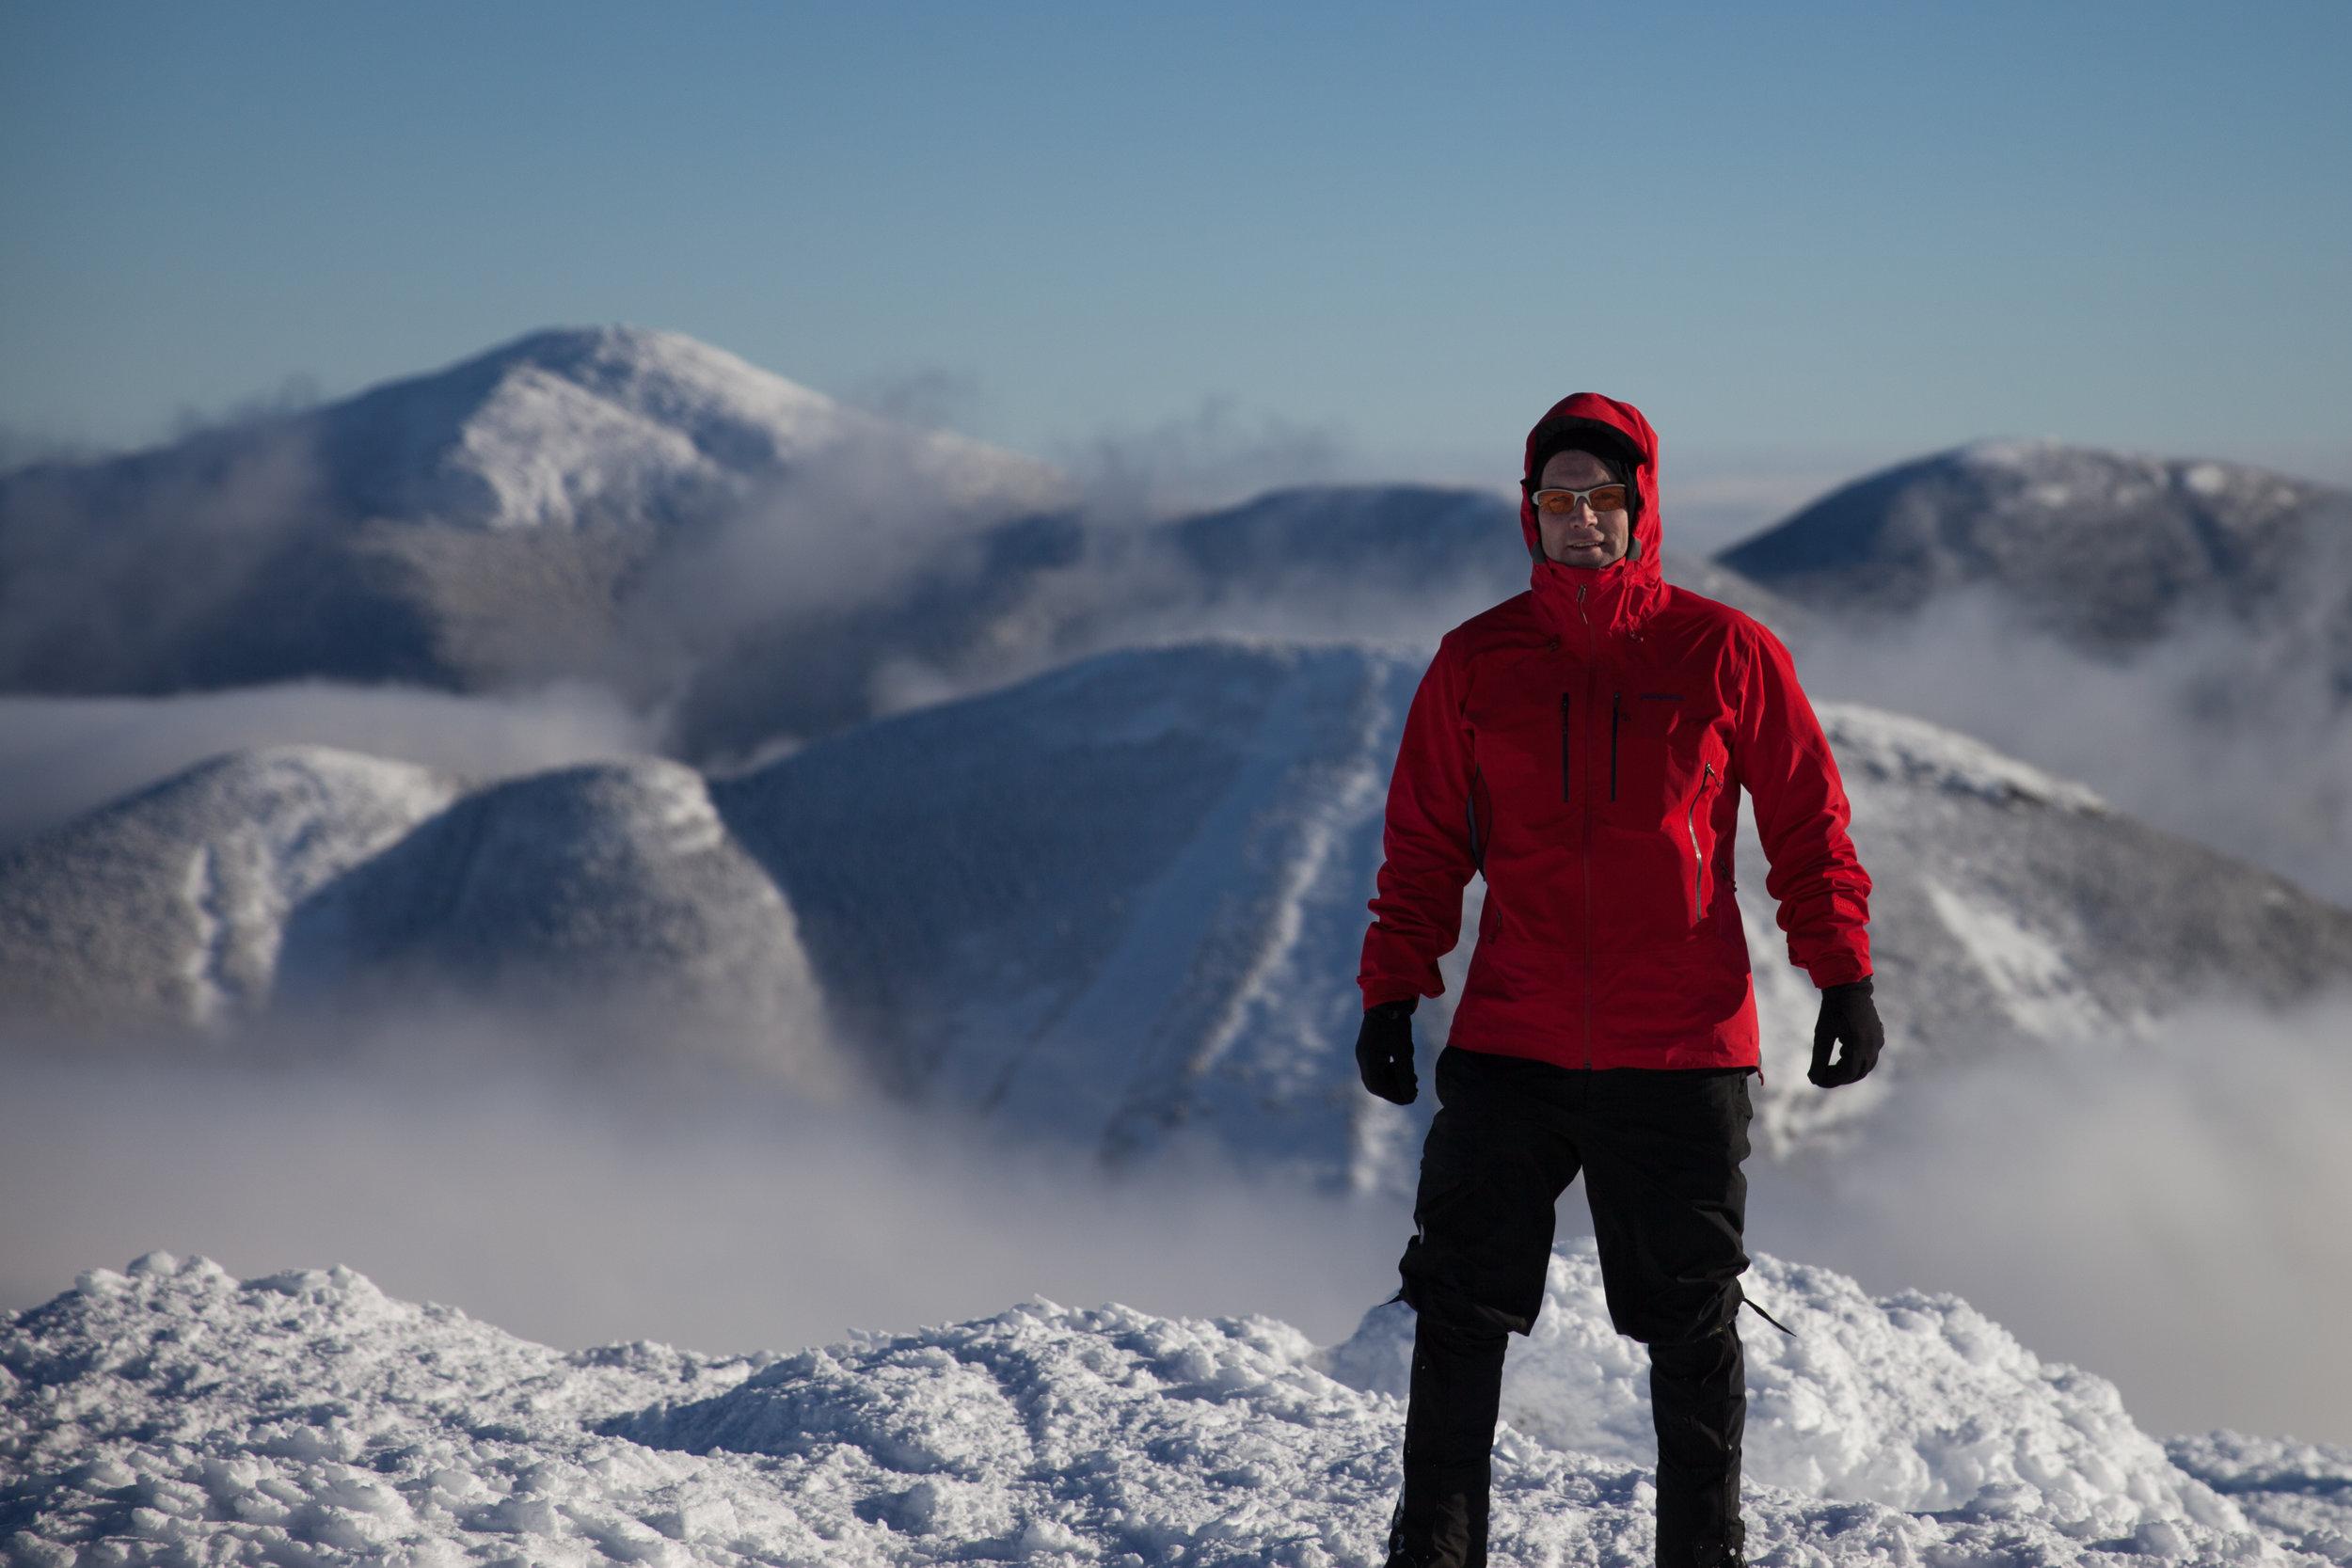 On top of Algonquin Peak in the Adirondaks